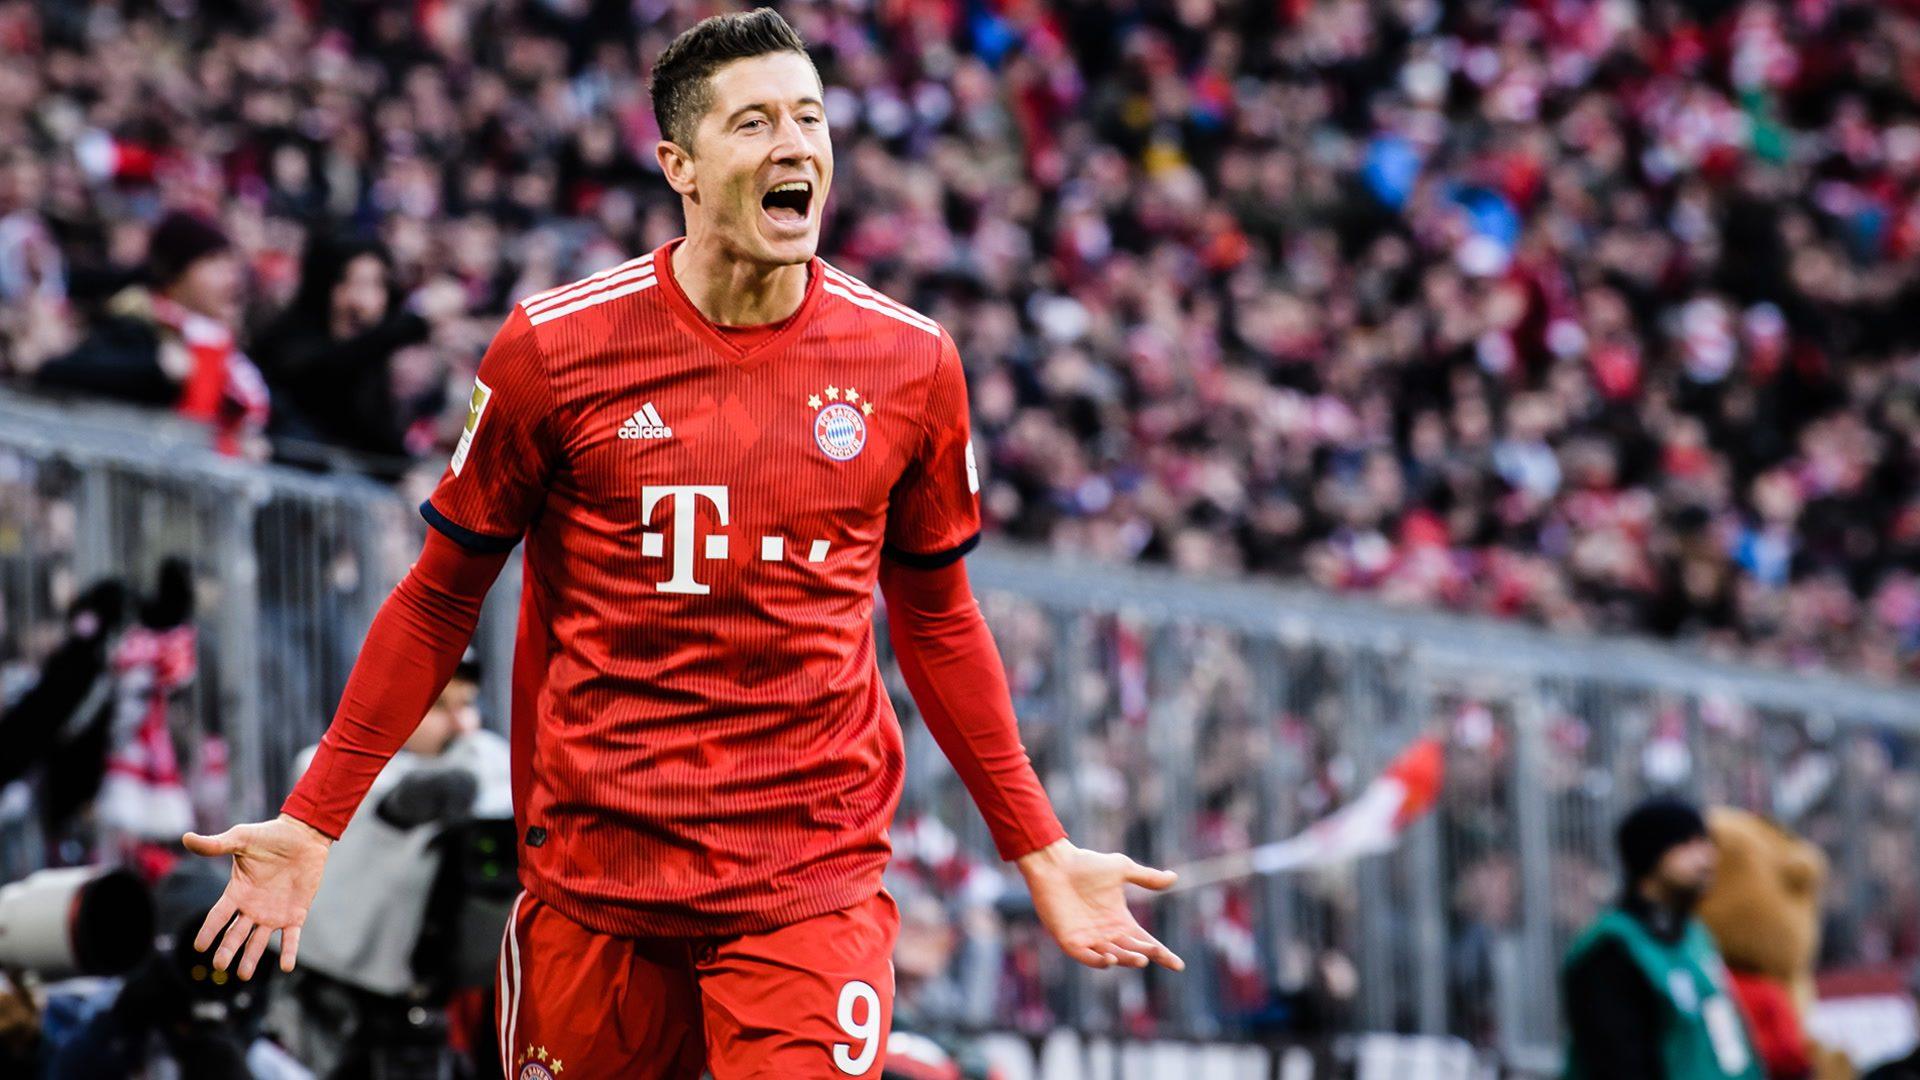 Watch: Bayern Munich 3-0 Nuremberg